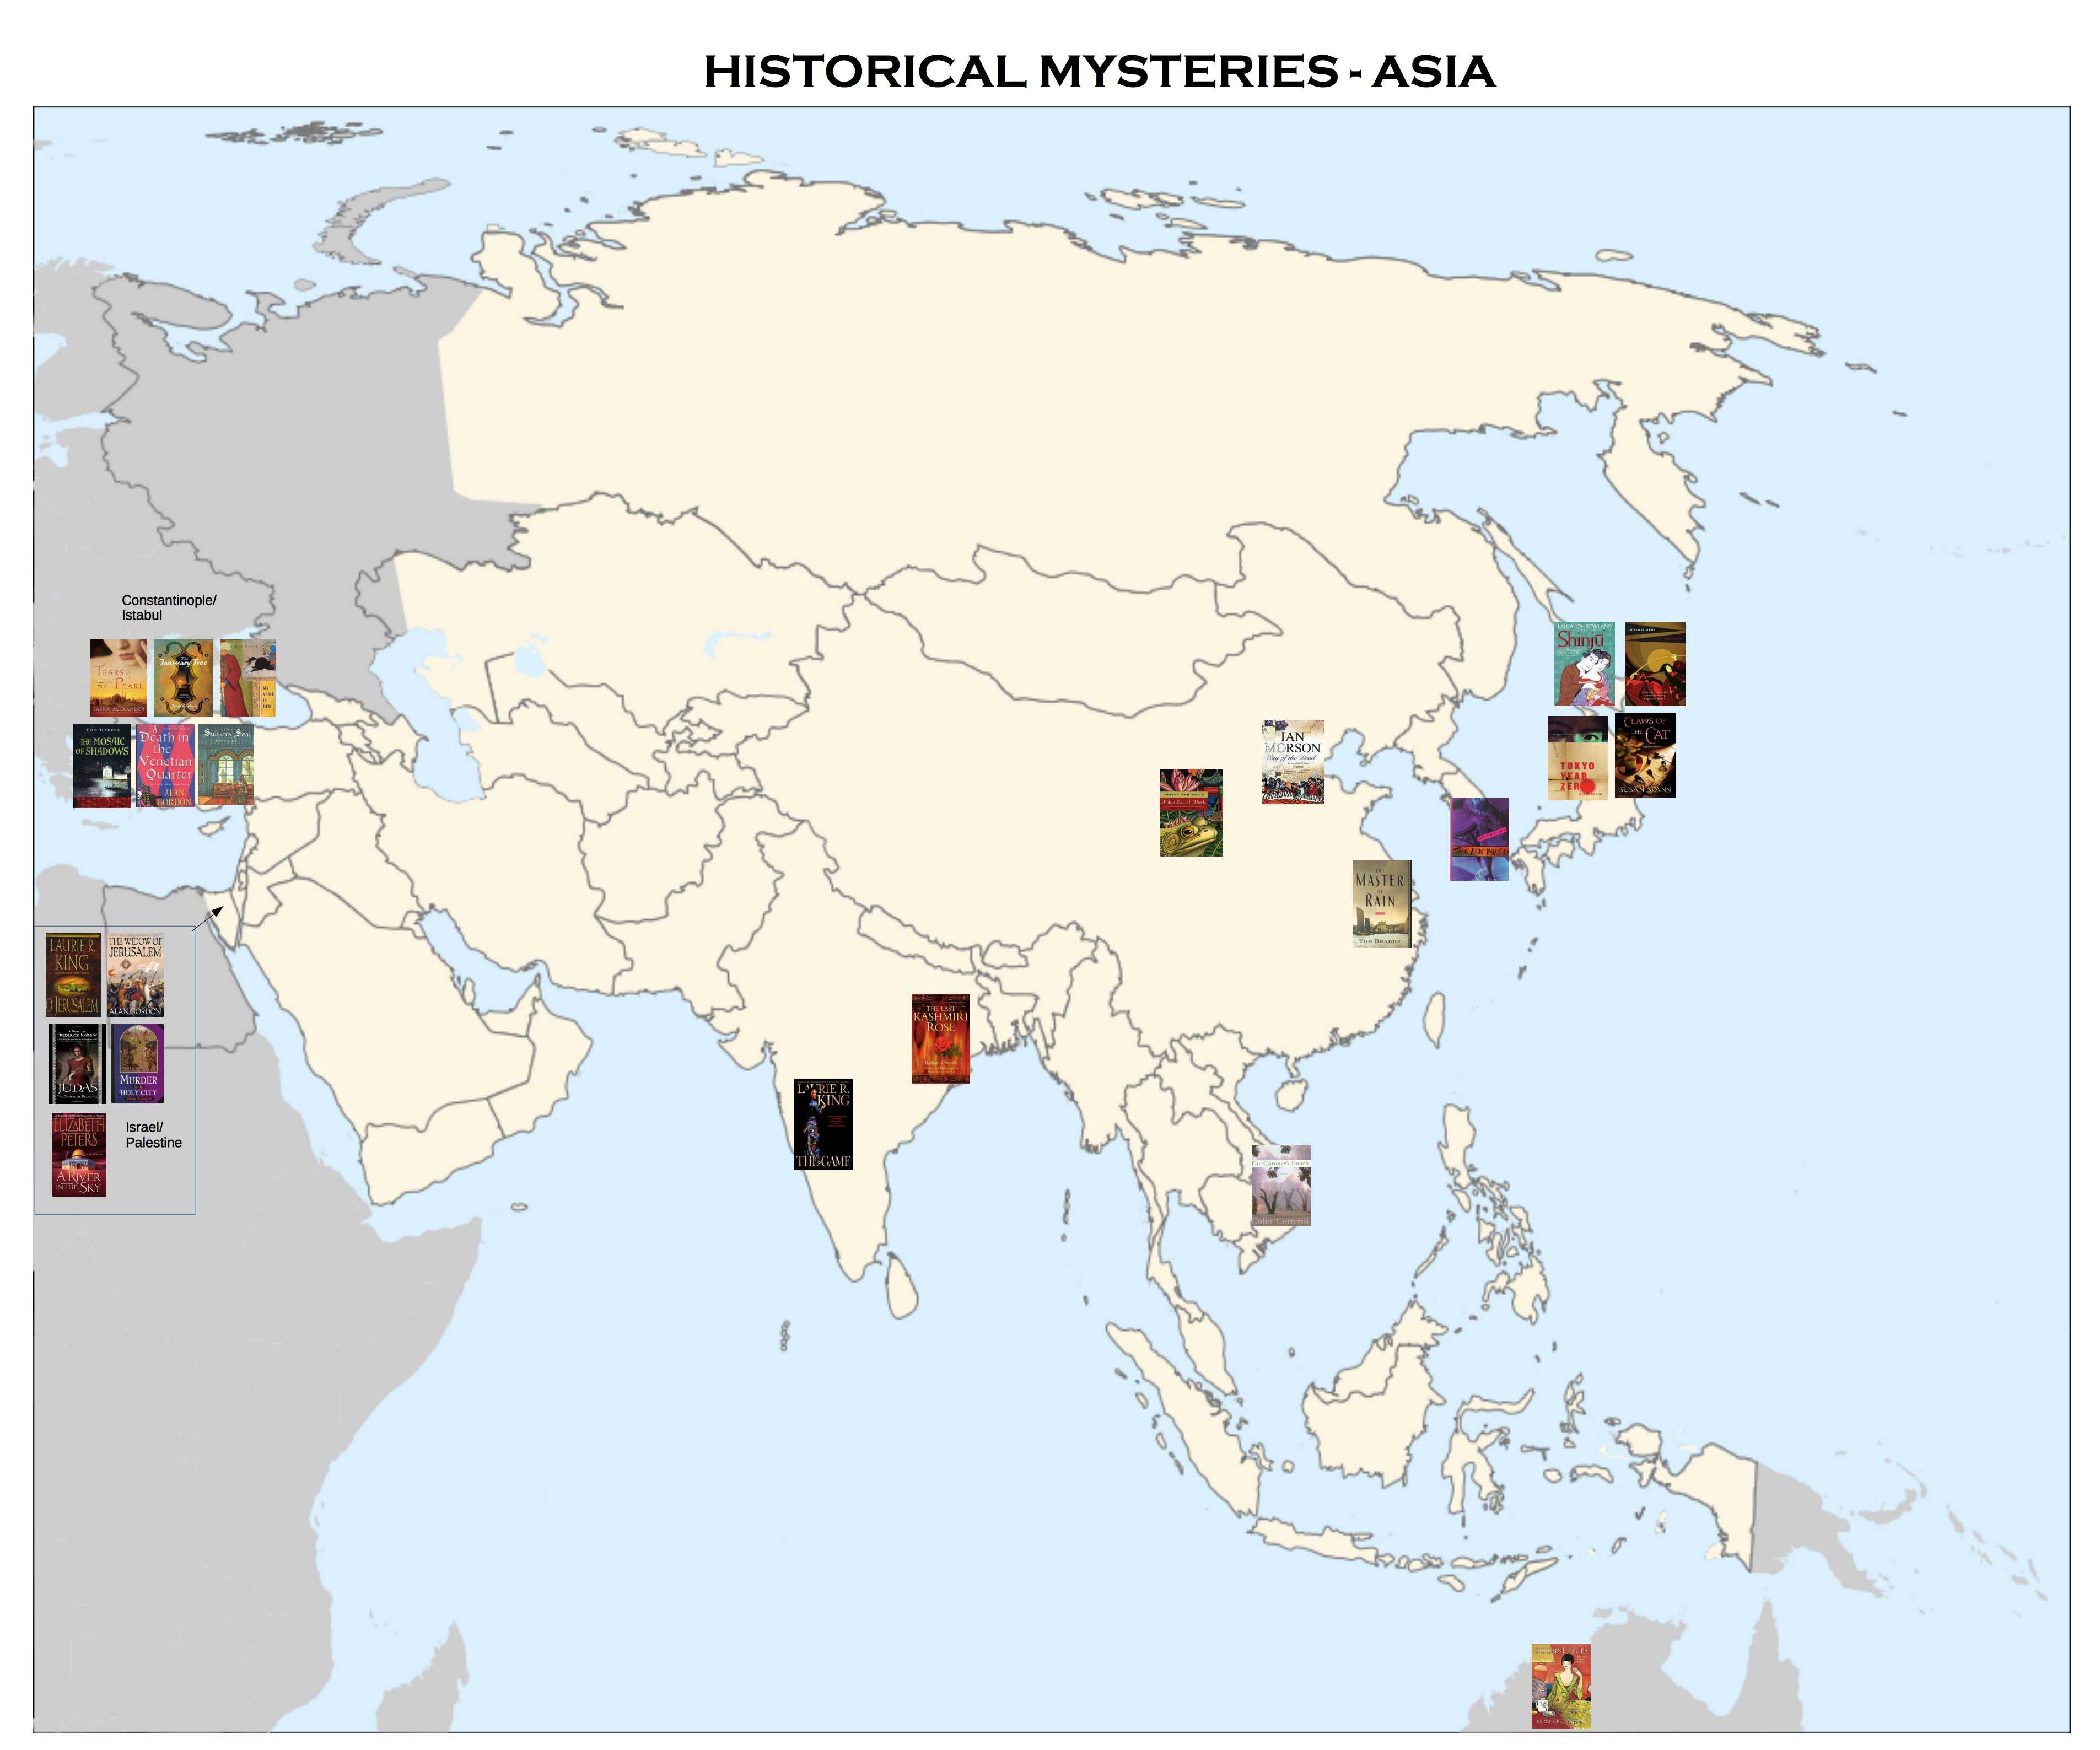 historicalmysteryasia